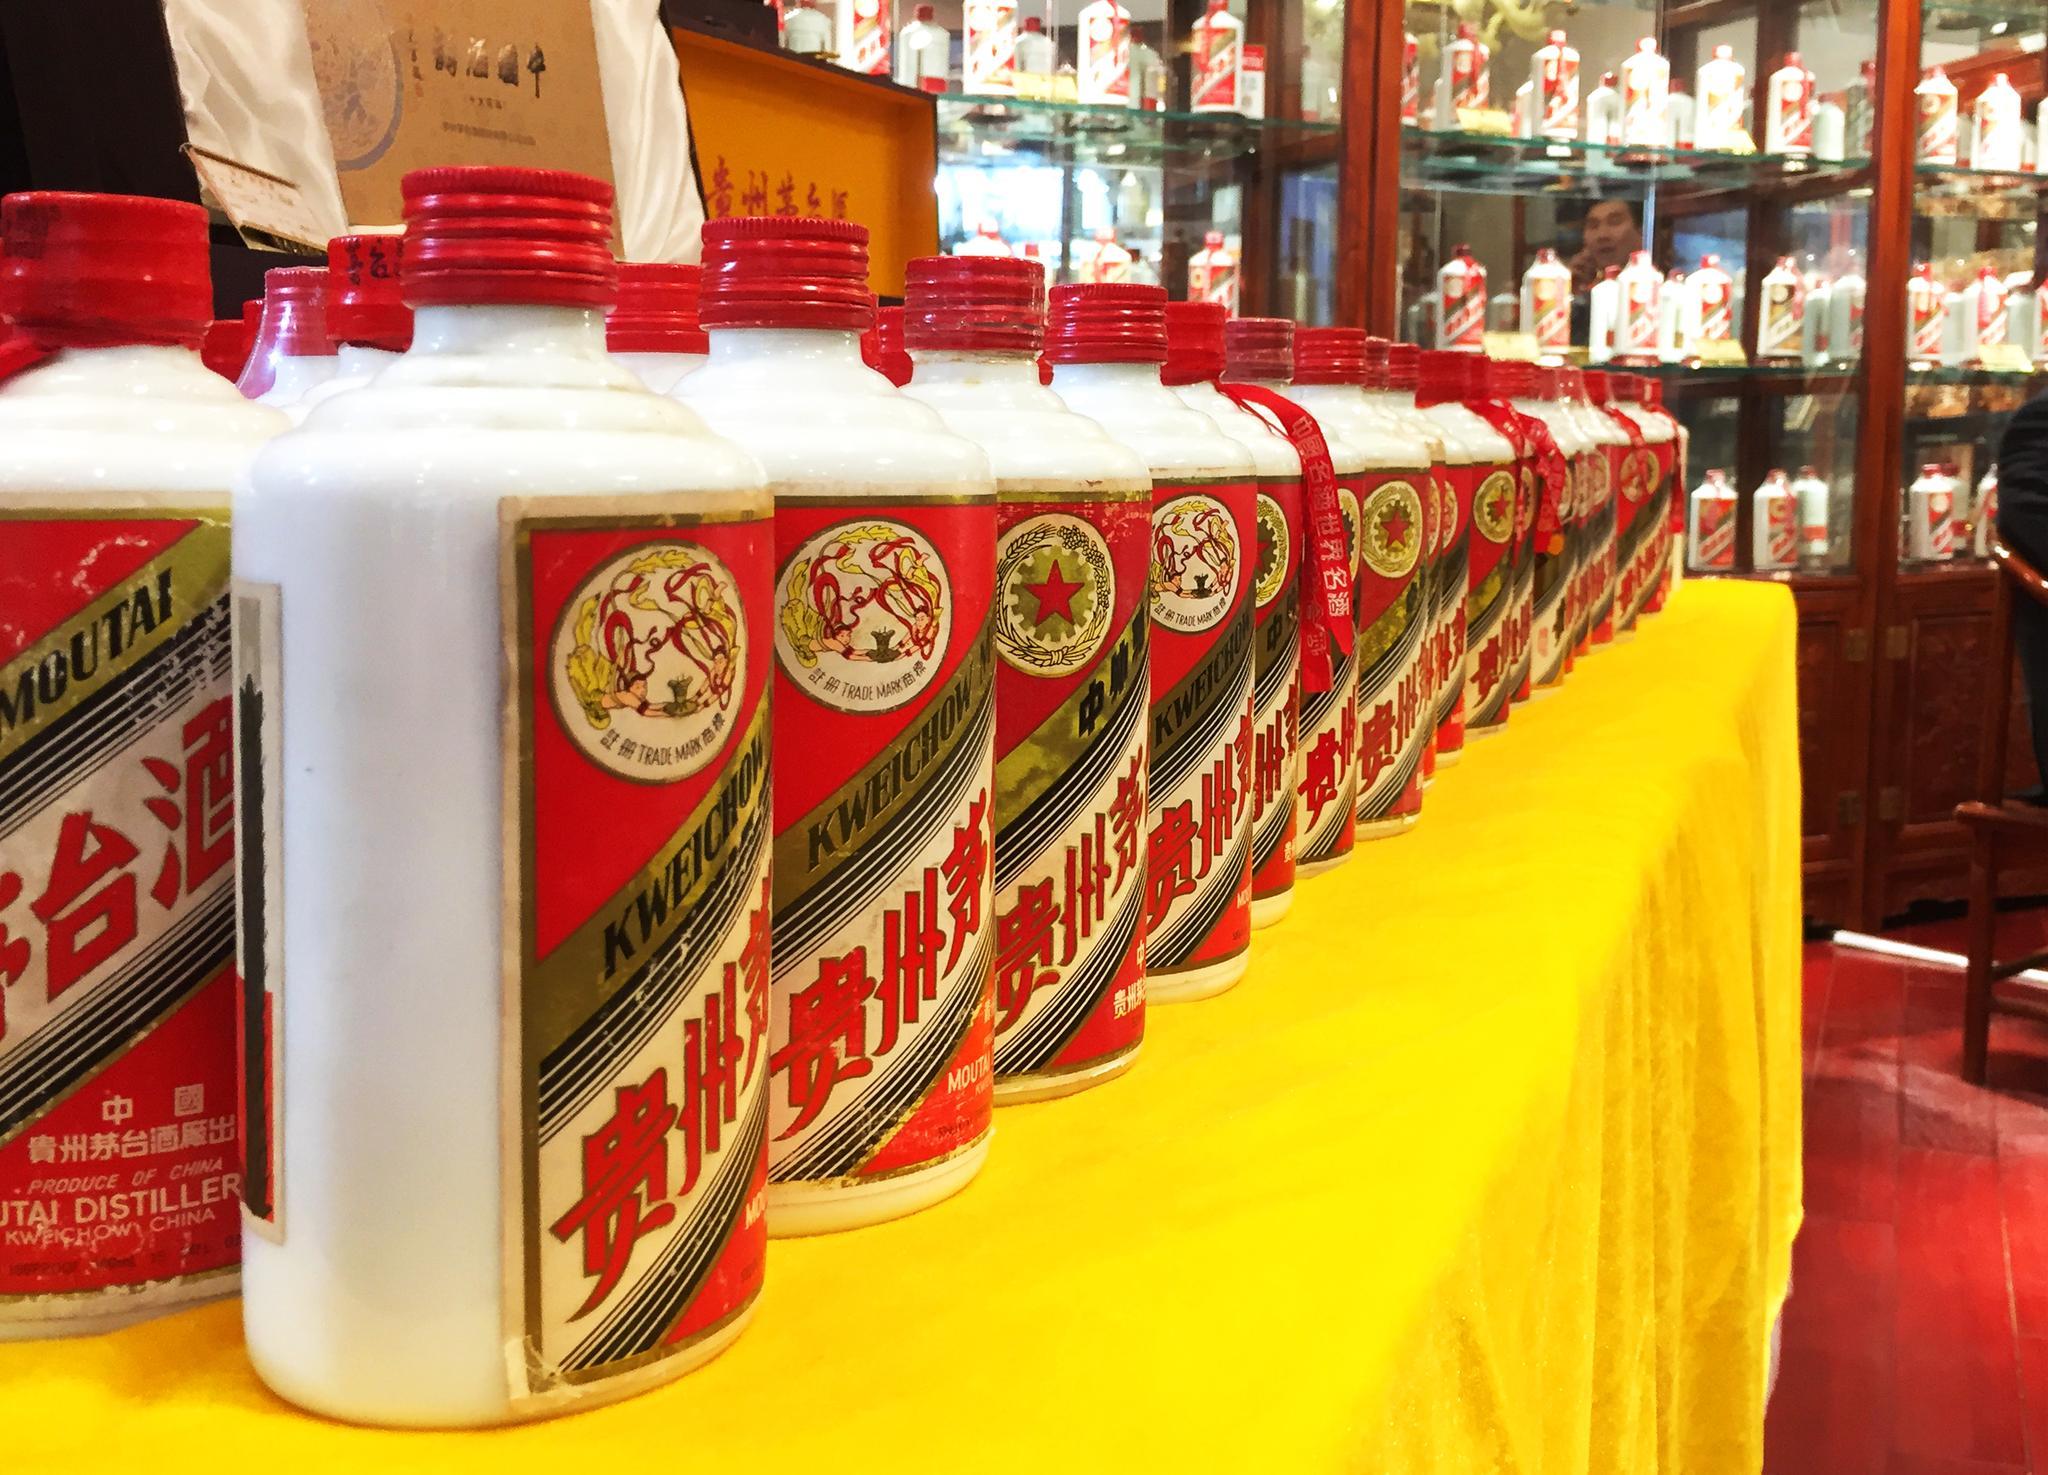 20万瓶茅台酒被拦截囤积 黄牛围攻贵州茅台电商平台